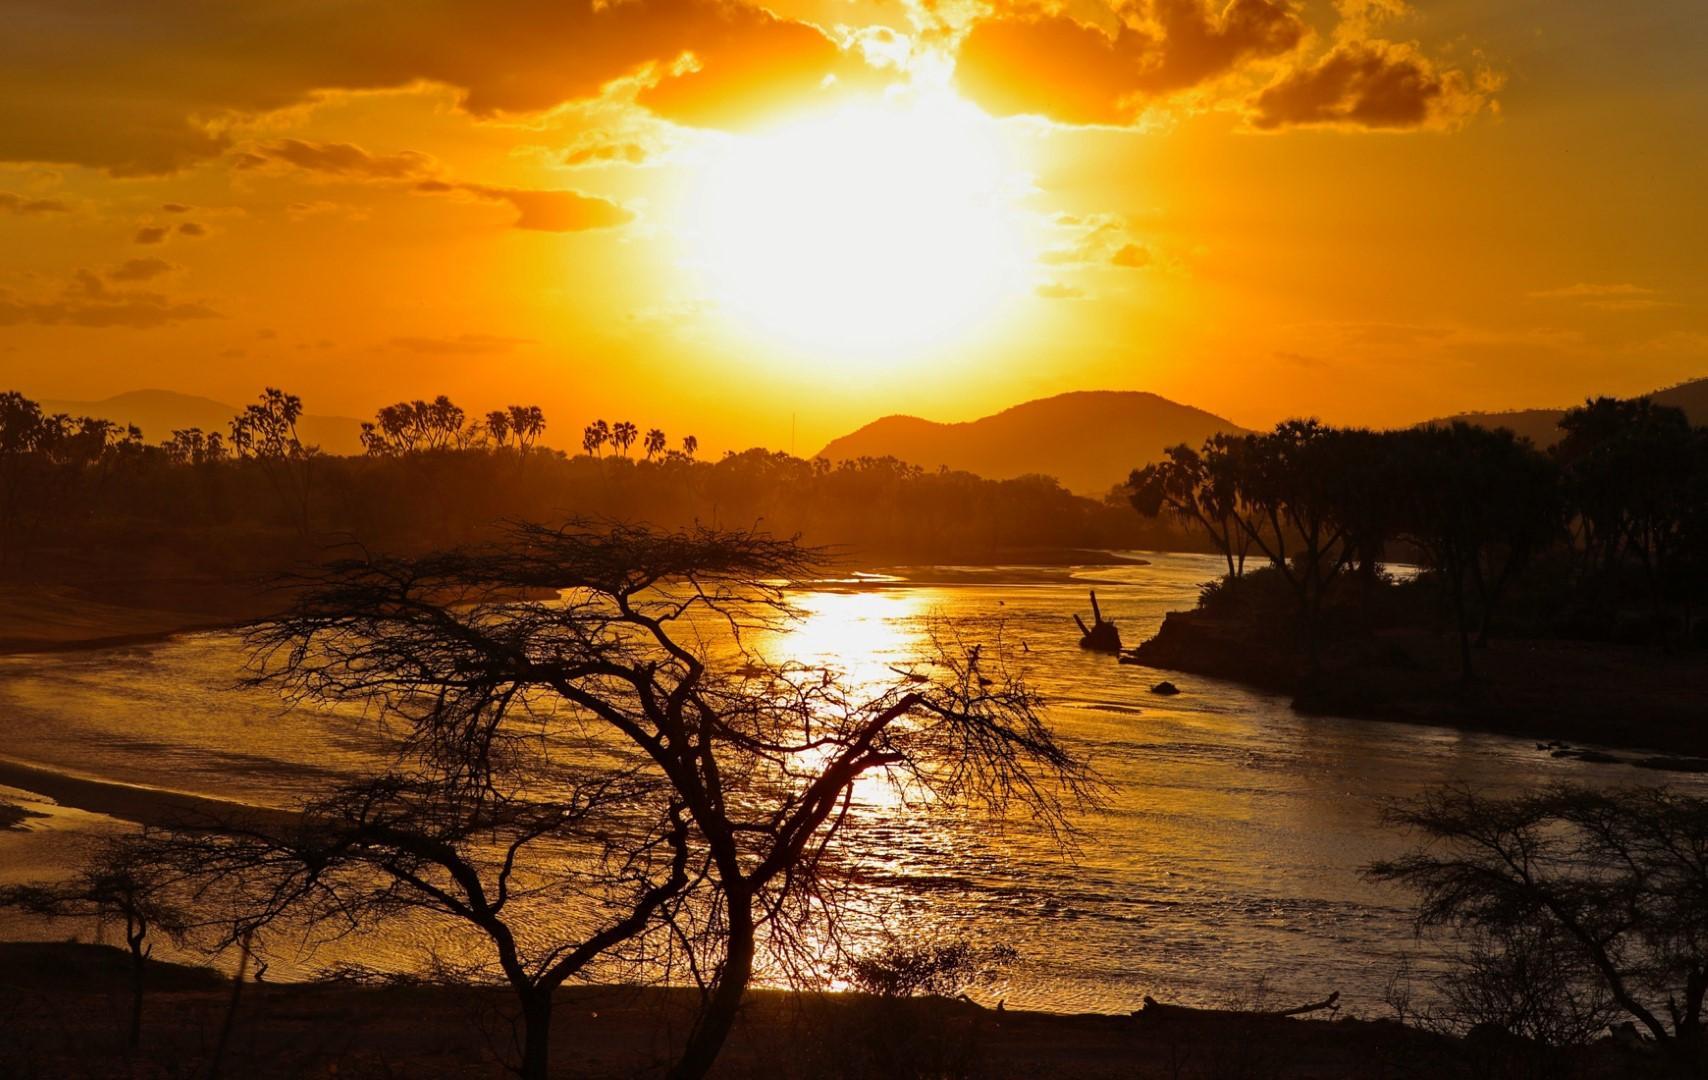 Donnavventura: in Kenya con le inviate